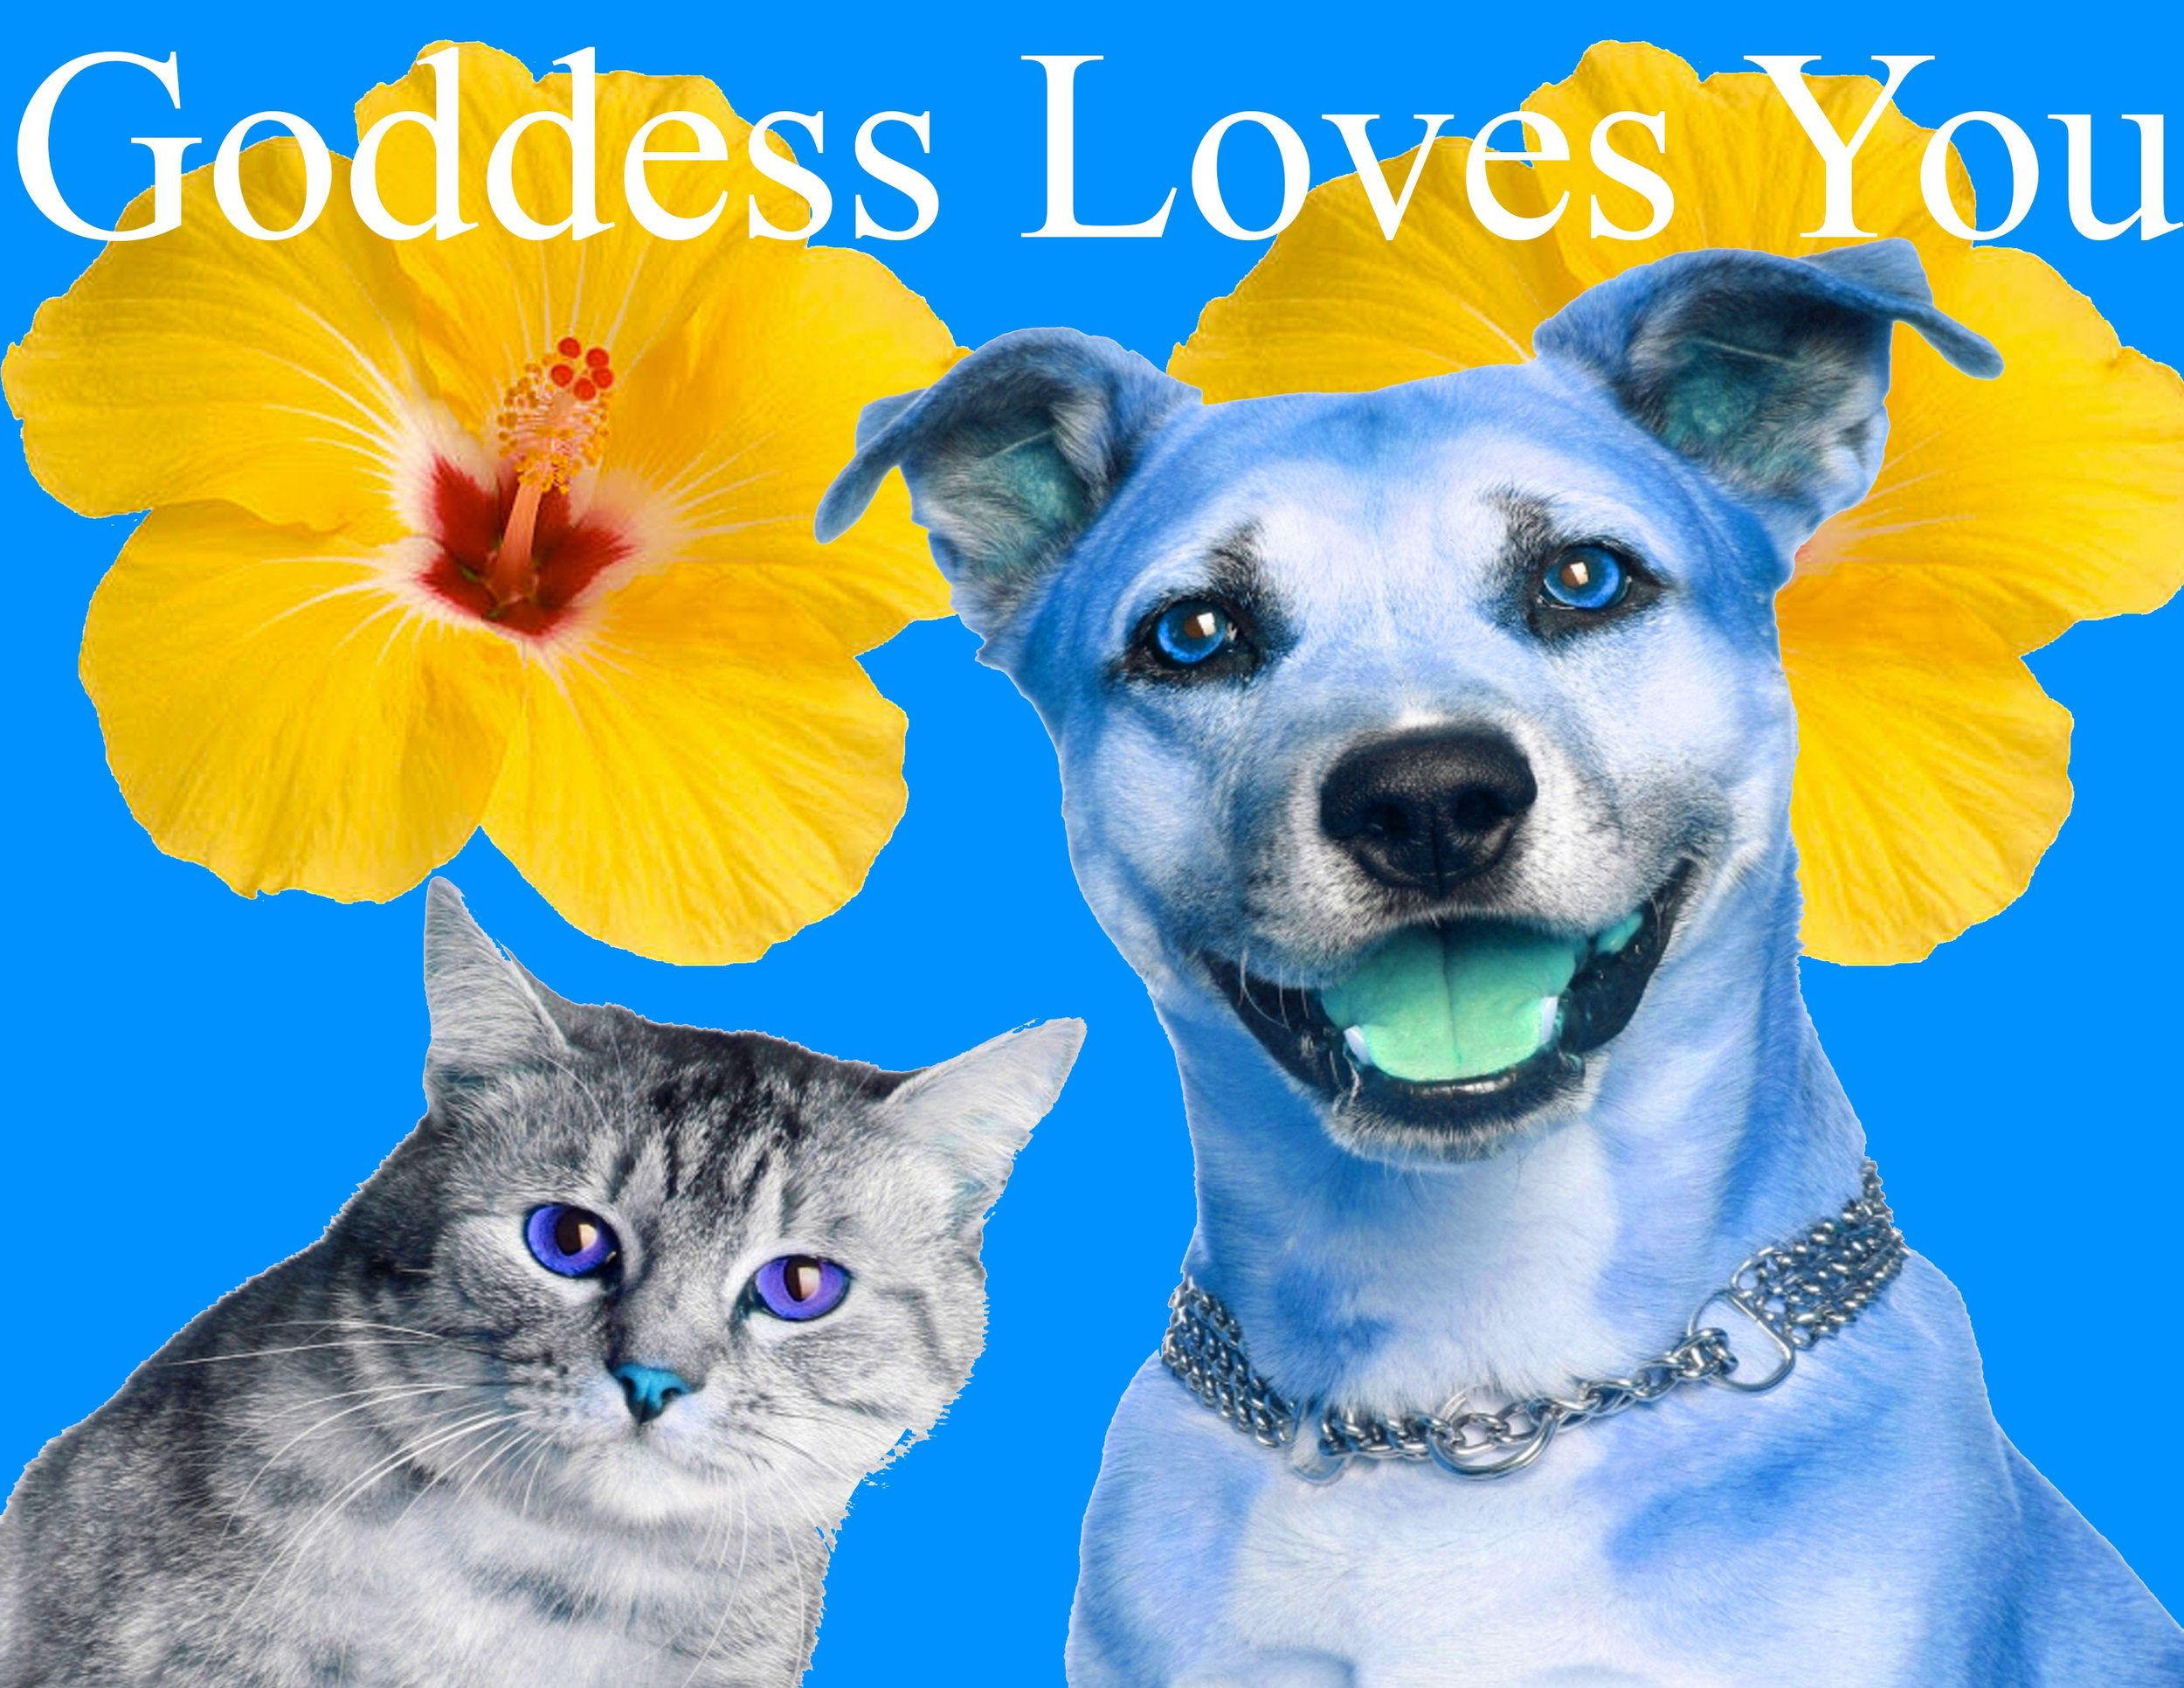 Goddessloveyou.jpg